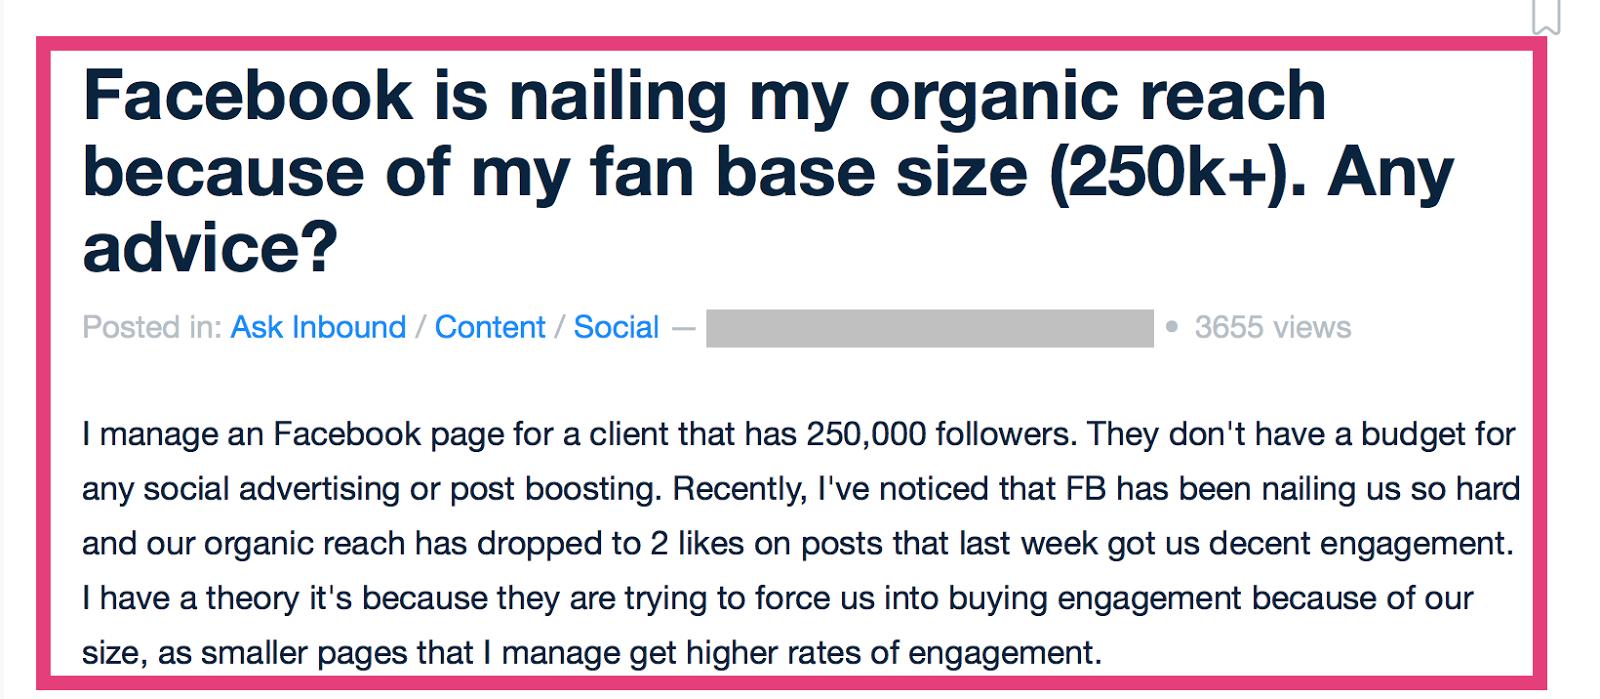 """El alcance orgánico de Facebook es menor para grandes audiencias """"width ="""" 700 """"height ="""" 300"""